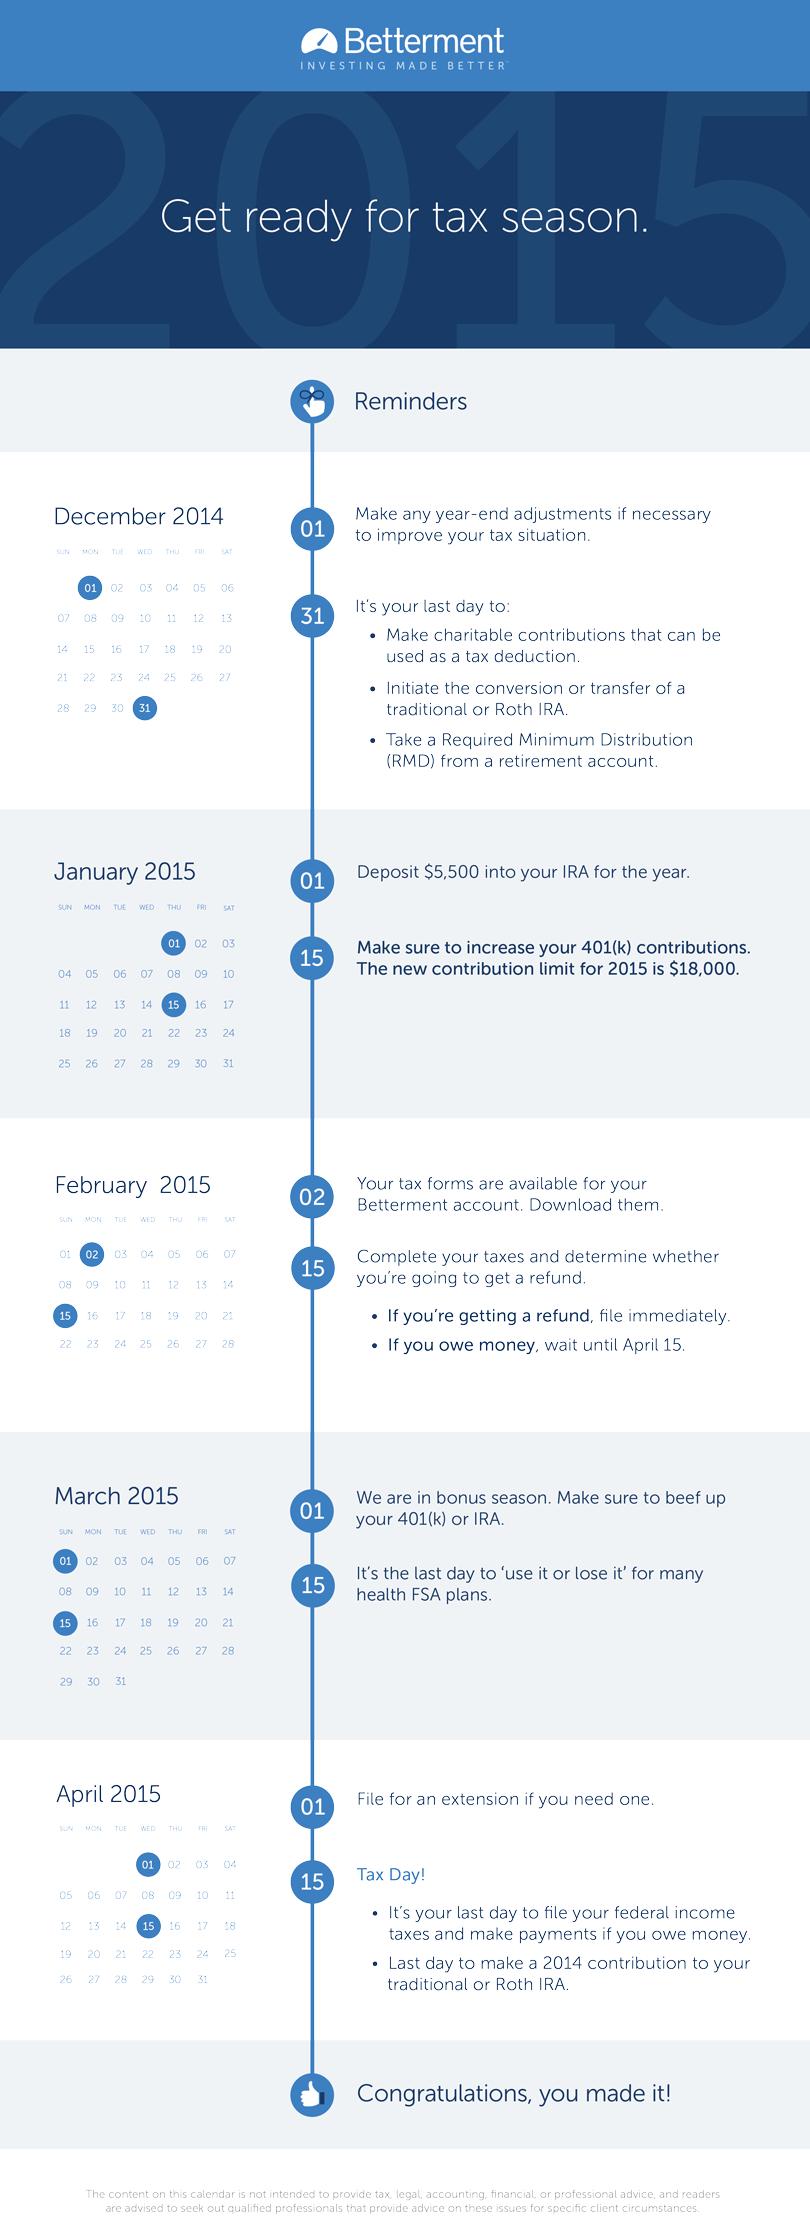 Betterment S 2015 Tax Calendar To Help You Make It Through Tax Season Via Betterment Tax Season Season Calendar Tax Help